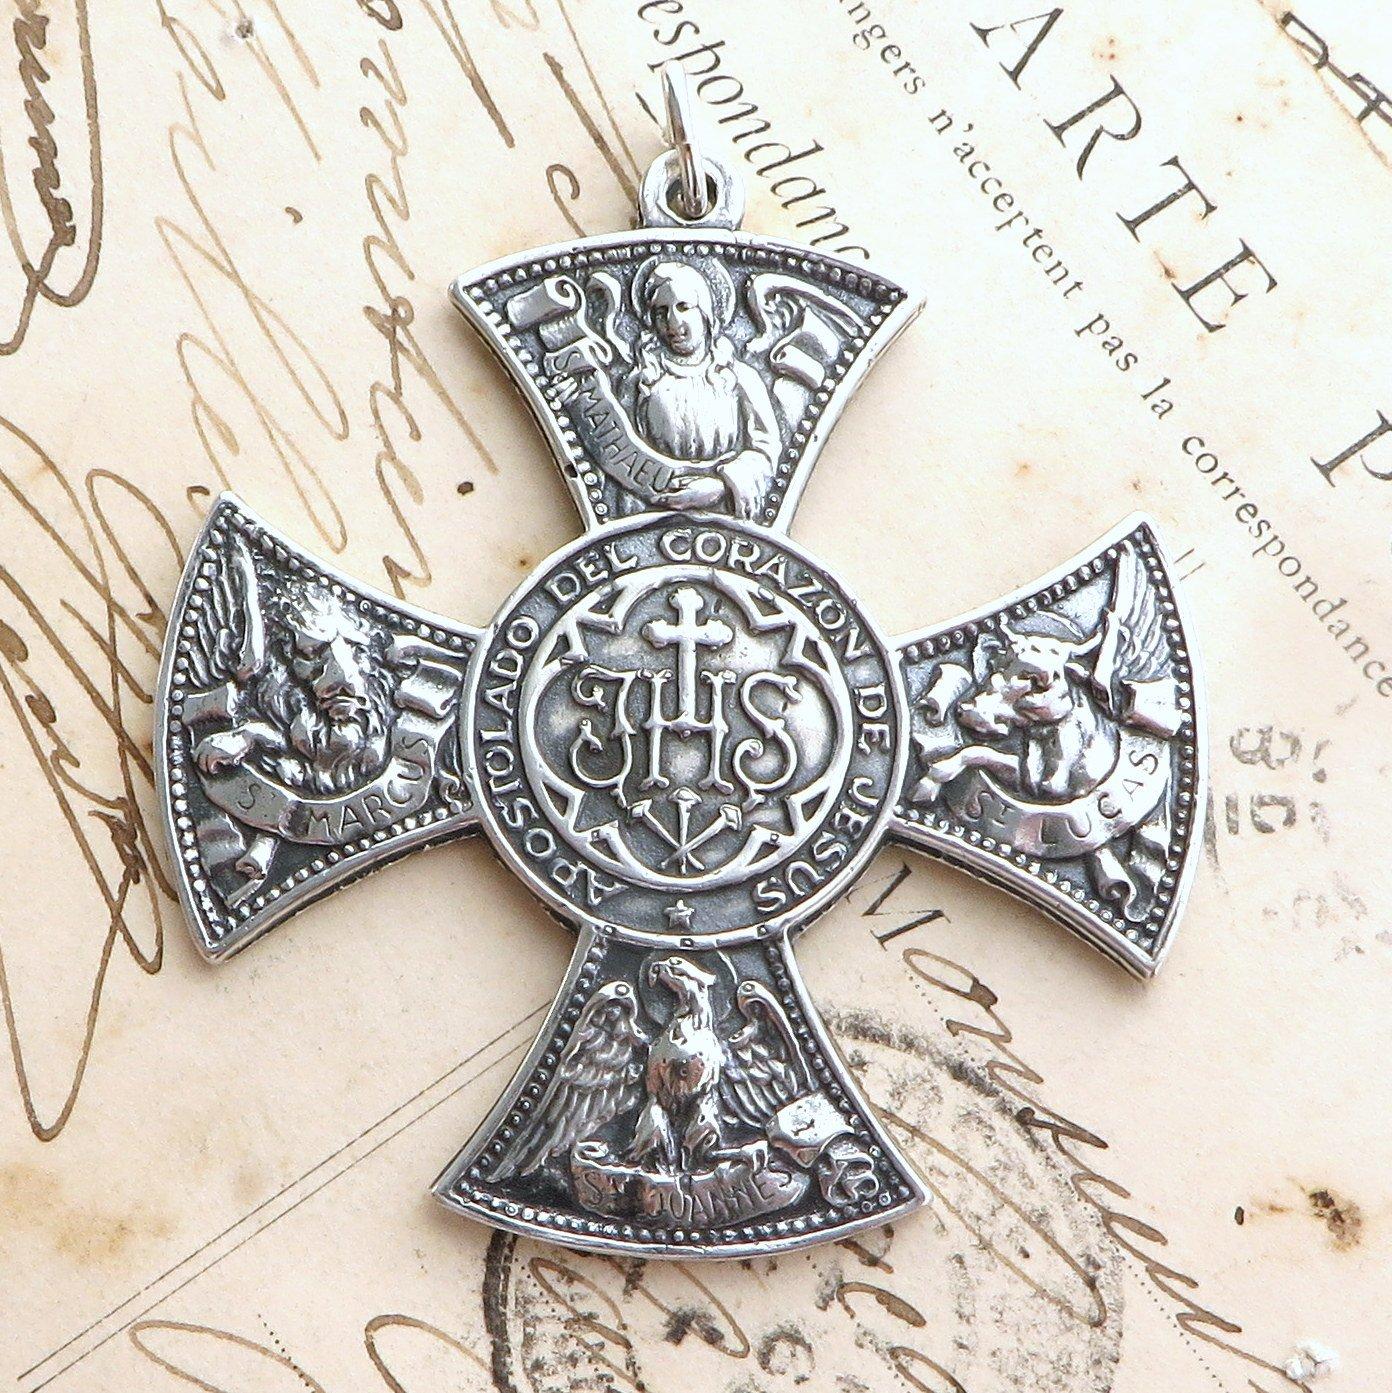 Four Gospels Cross Sterling Silver Antique Replica